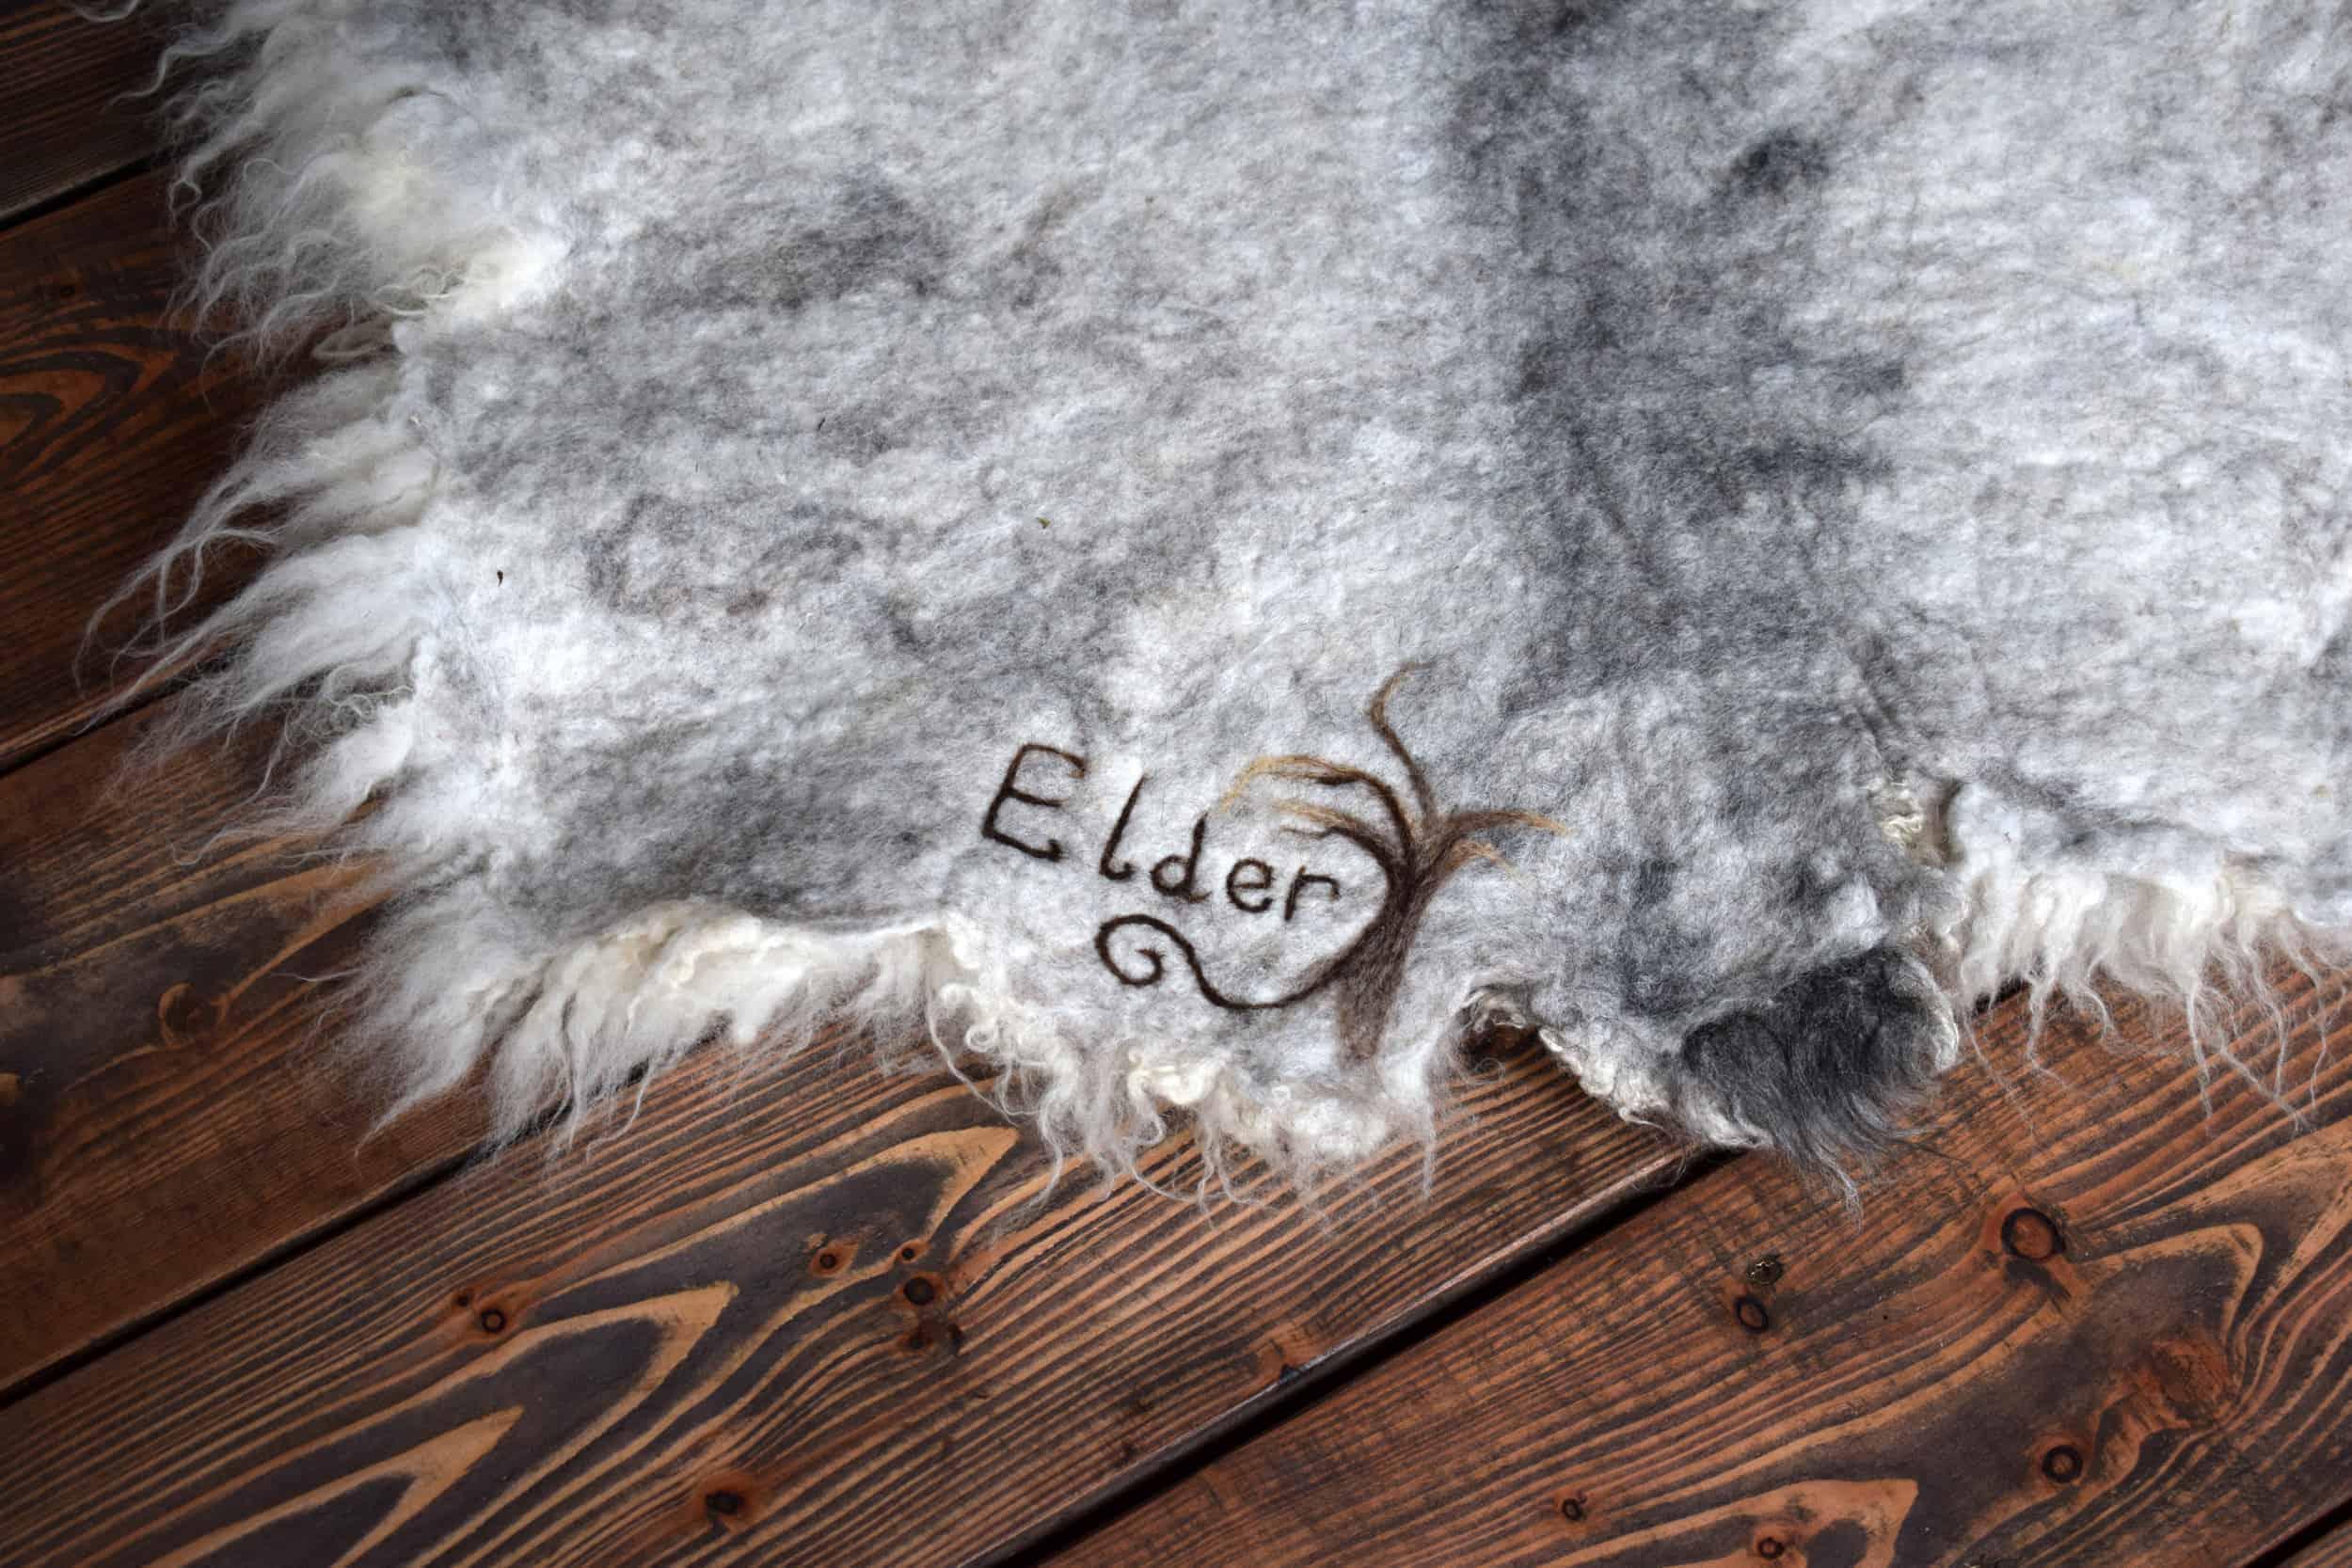 elder felted fleece